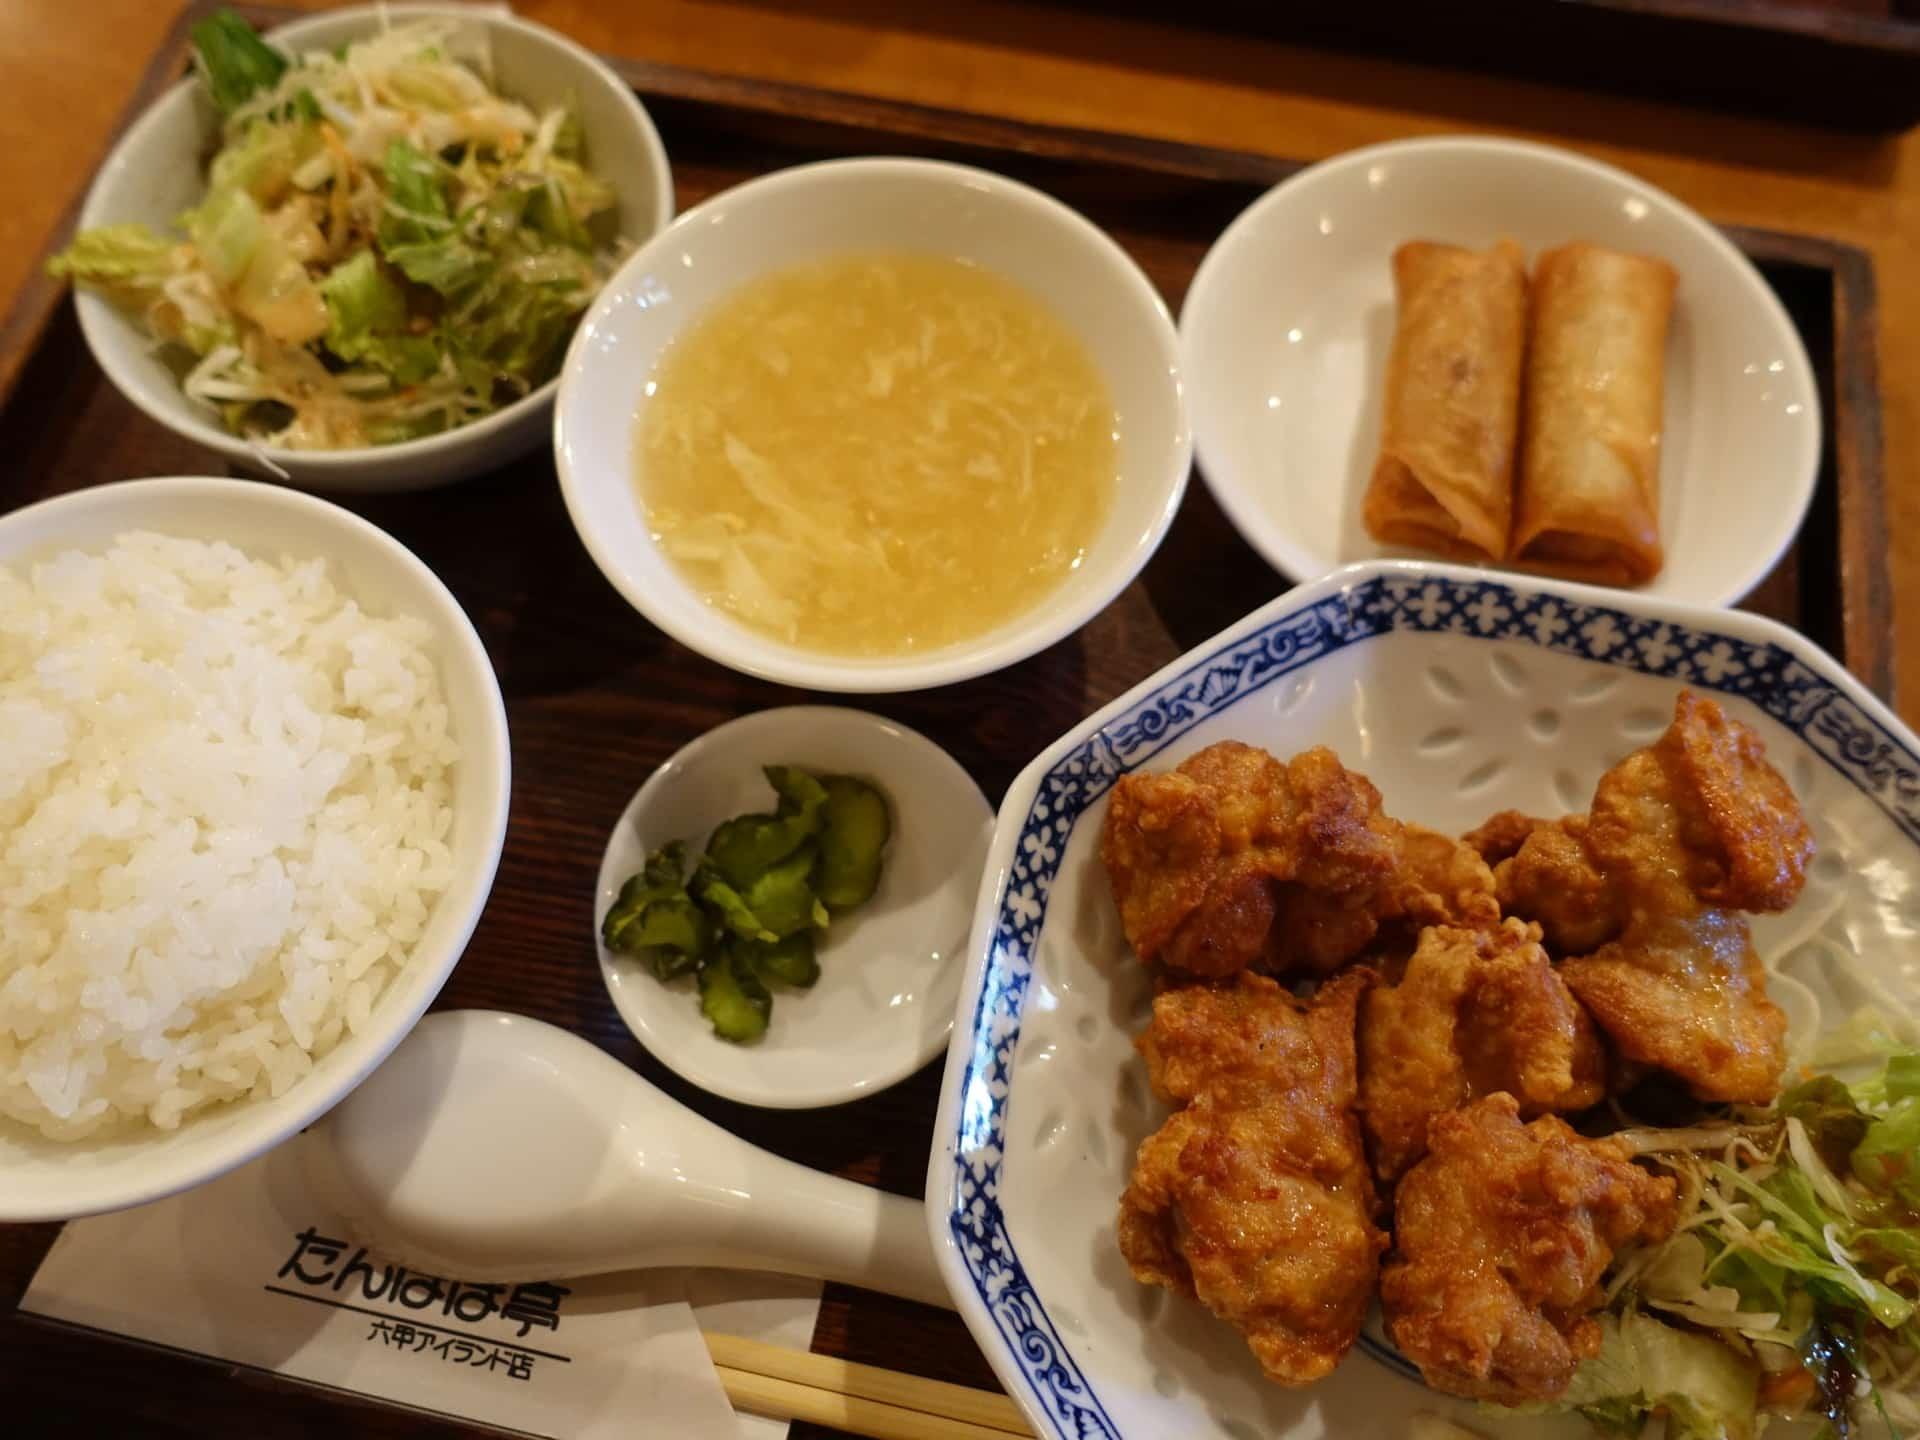 旬菜Diningたんぽぽ亭 − 六甲アイランドで中華料理ランチ。1000円以下でボリュームたっぷりの定食!